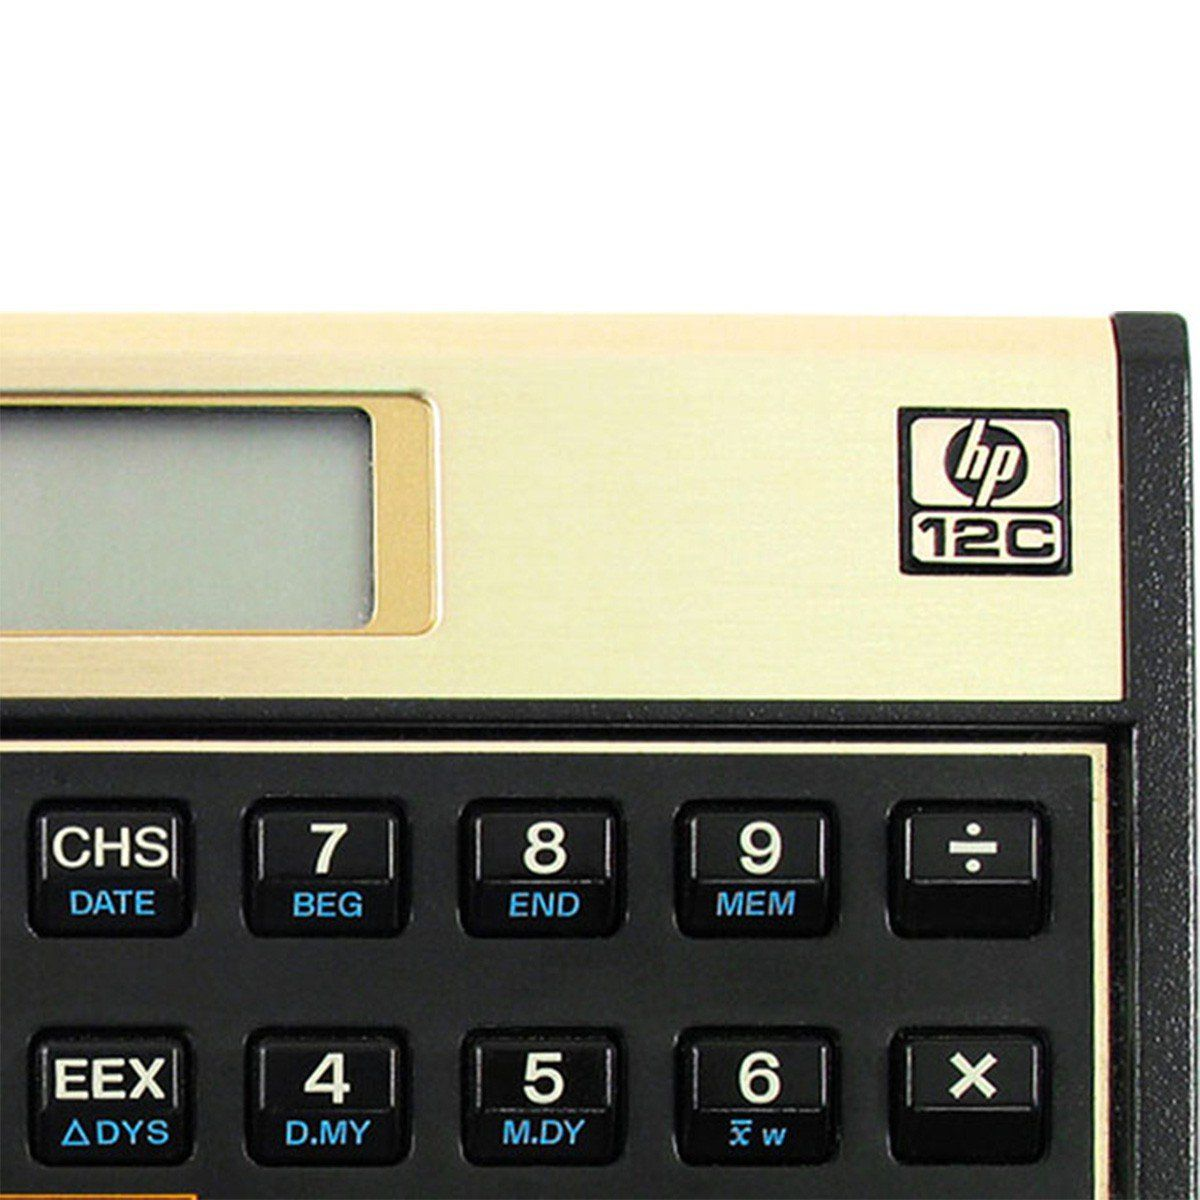 HP 12c Calculadora Financeira para Cálculos Avançados RPN